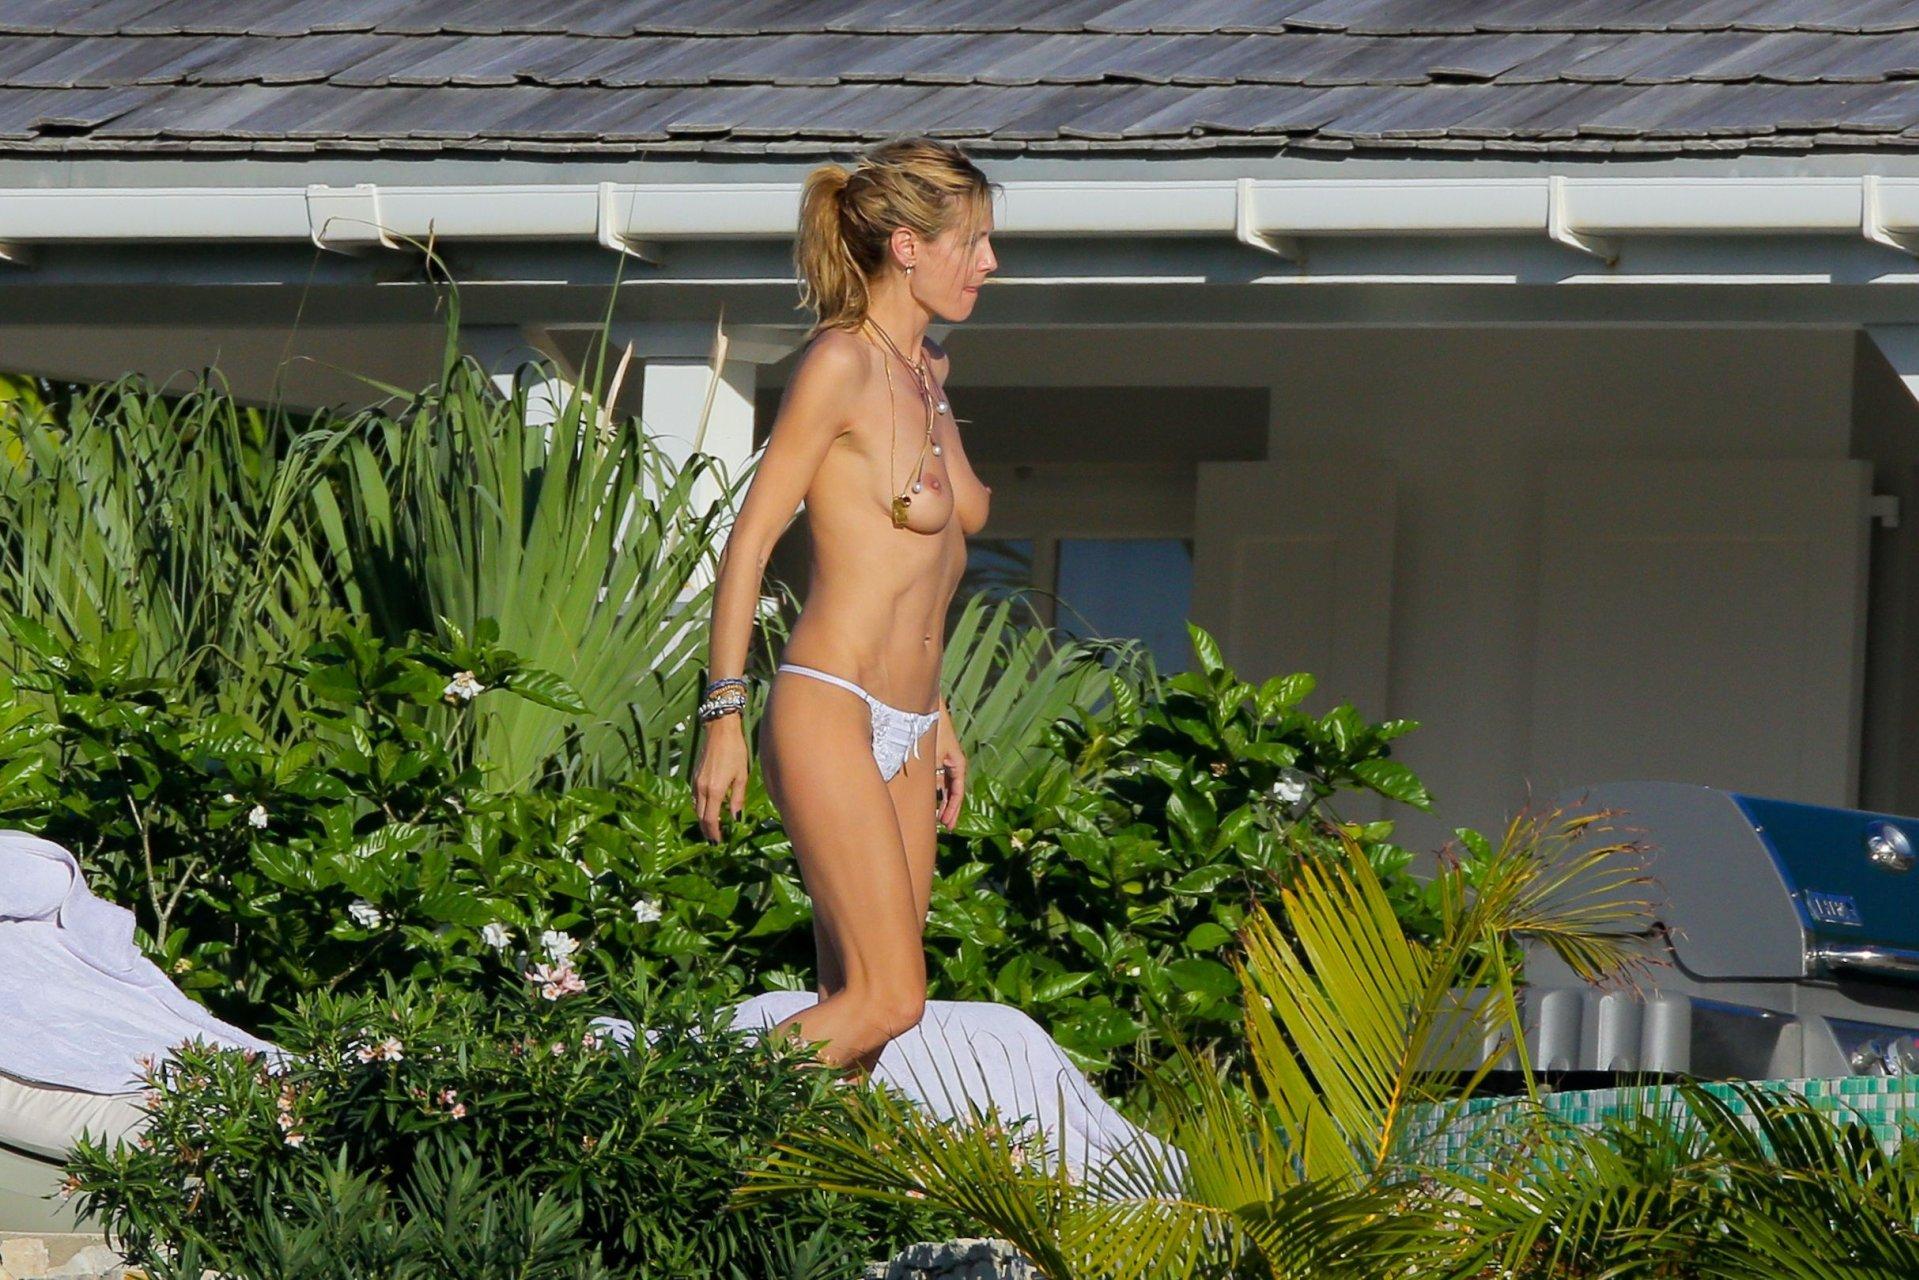 Heidi klum upskirt free sex pics